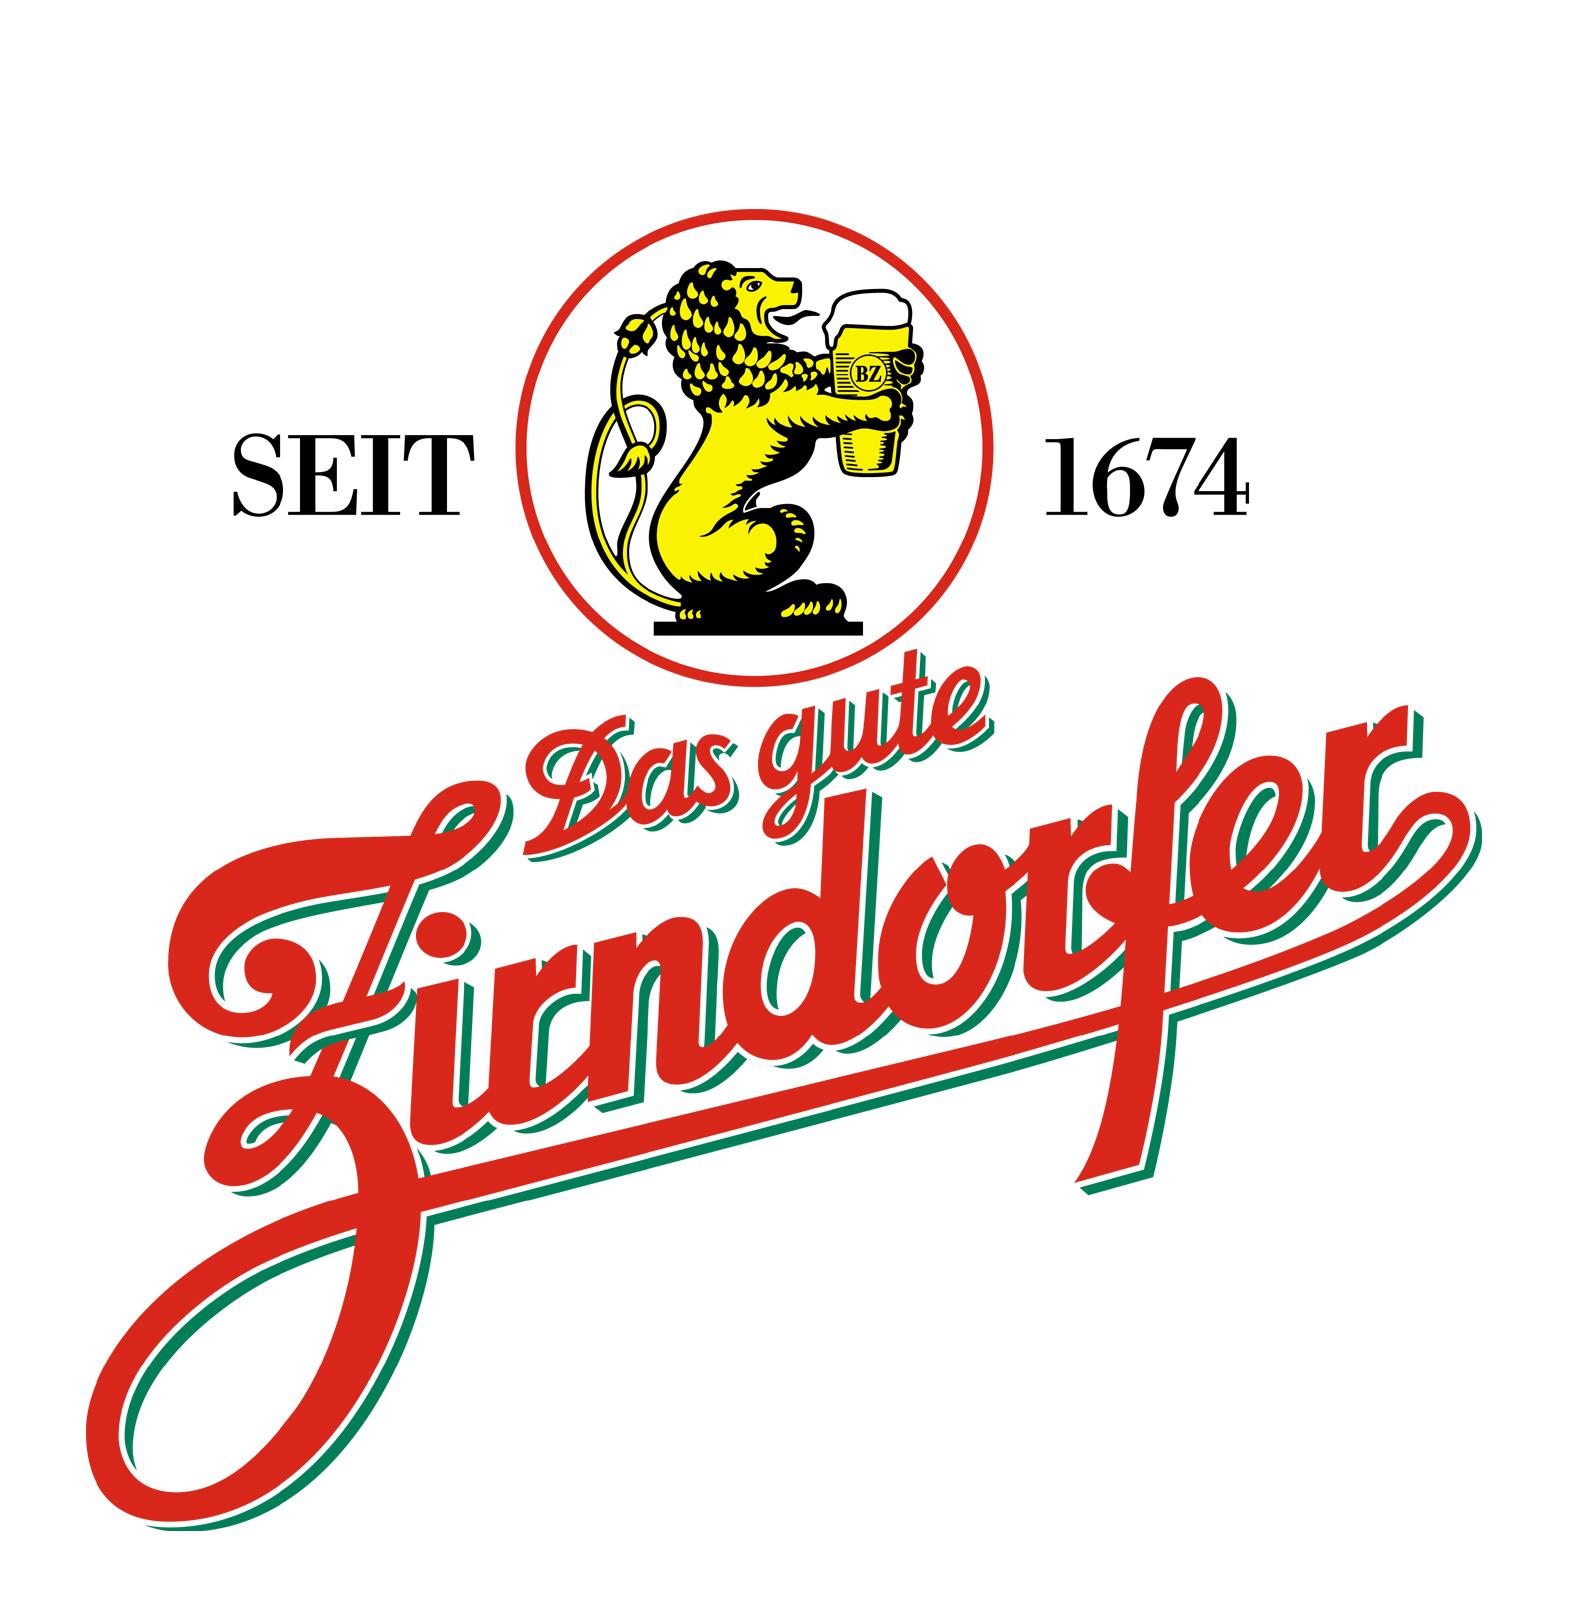 Brauerei Zirndorfer